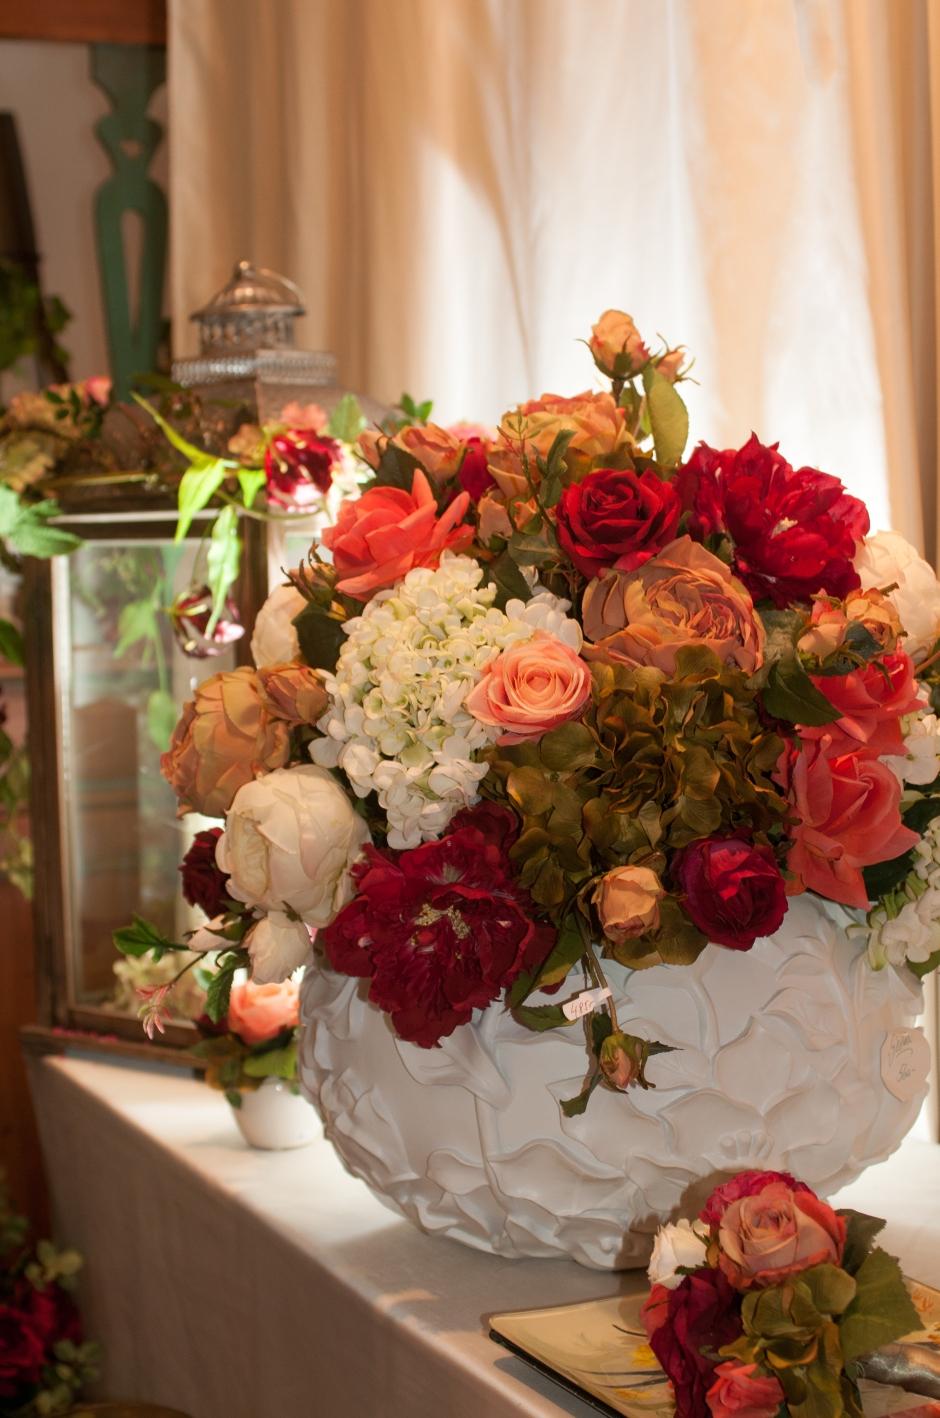 Blumenschlössl.jpg